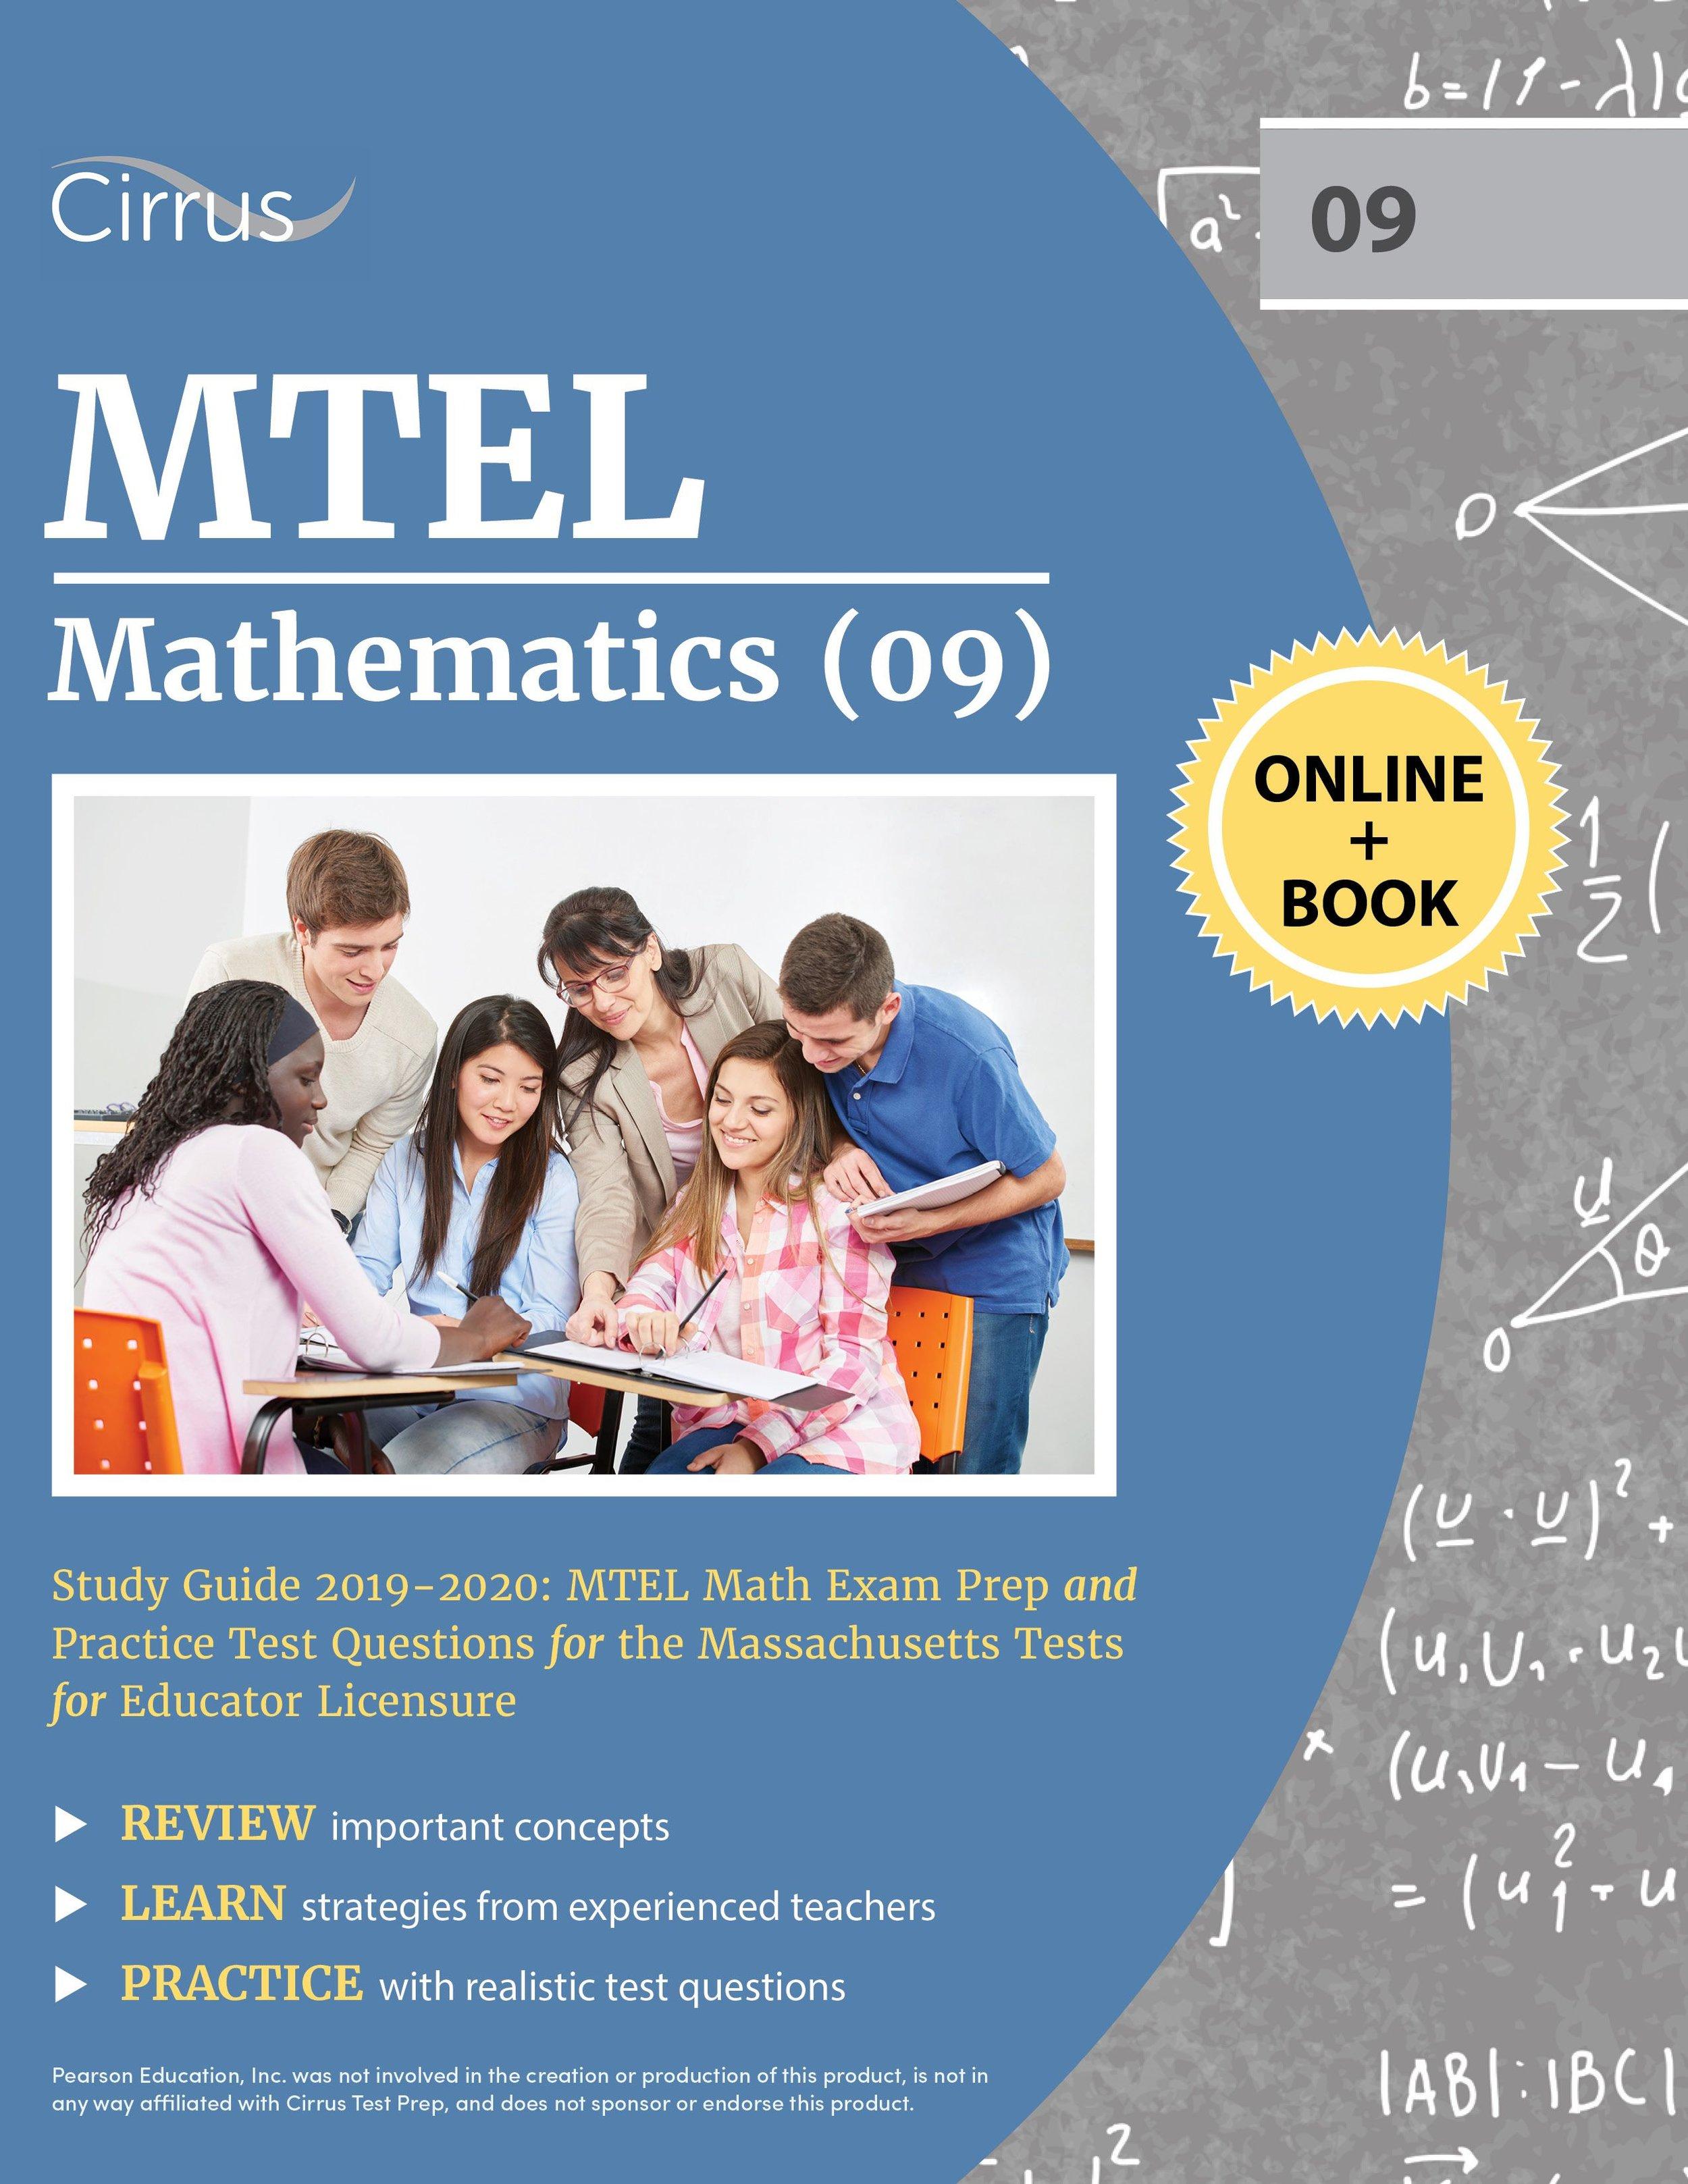 MTEL Mathematics (09) Study Guide 2019 – 2020